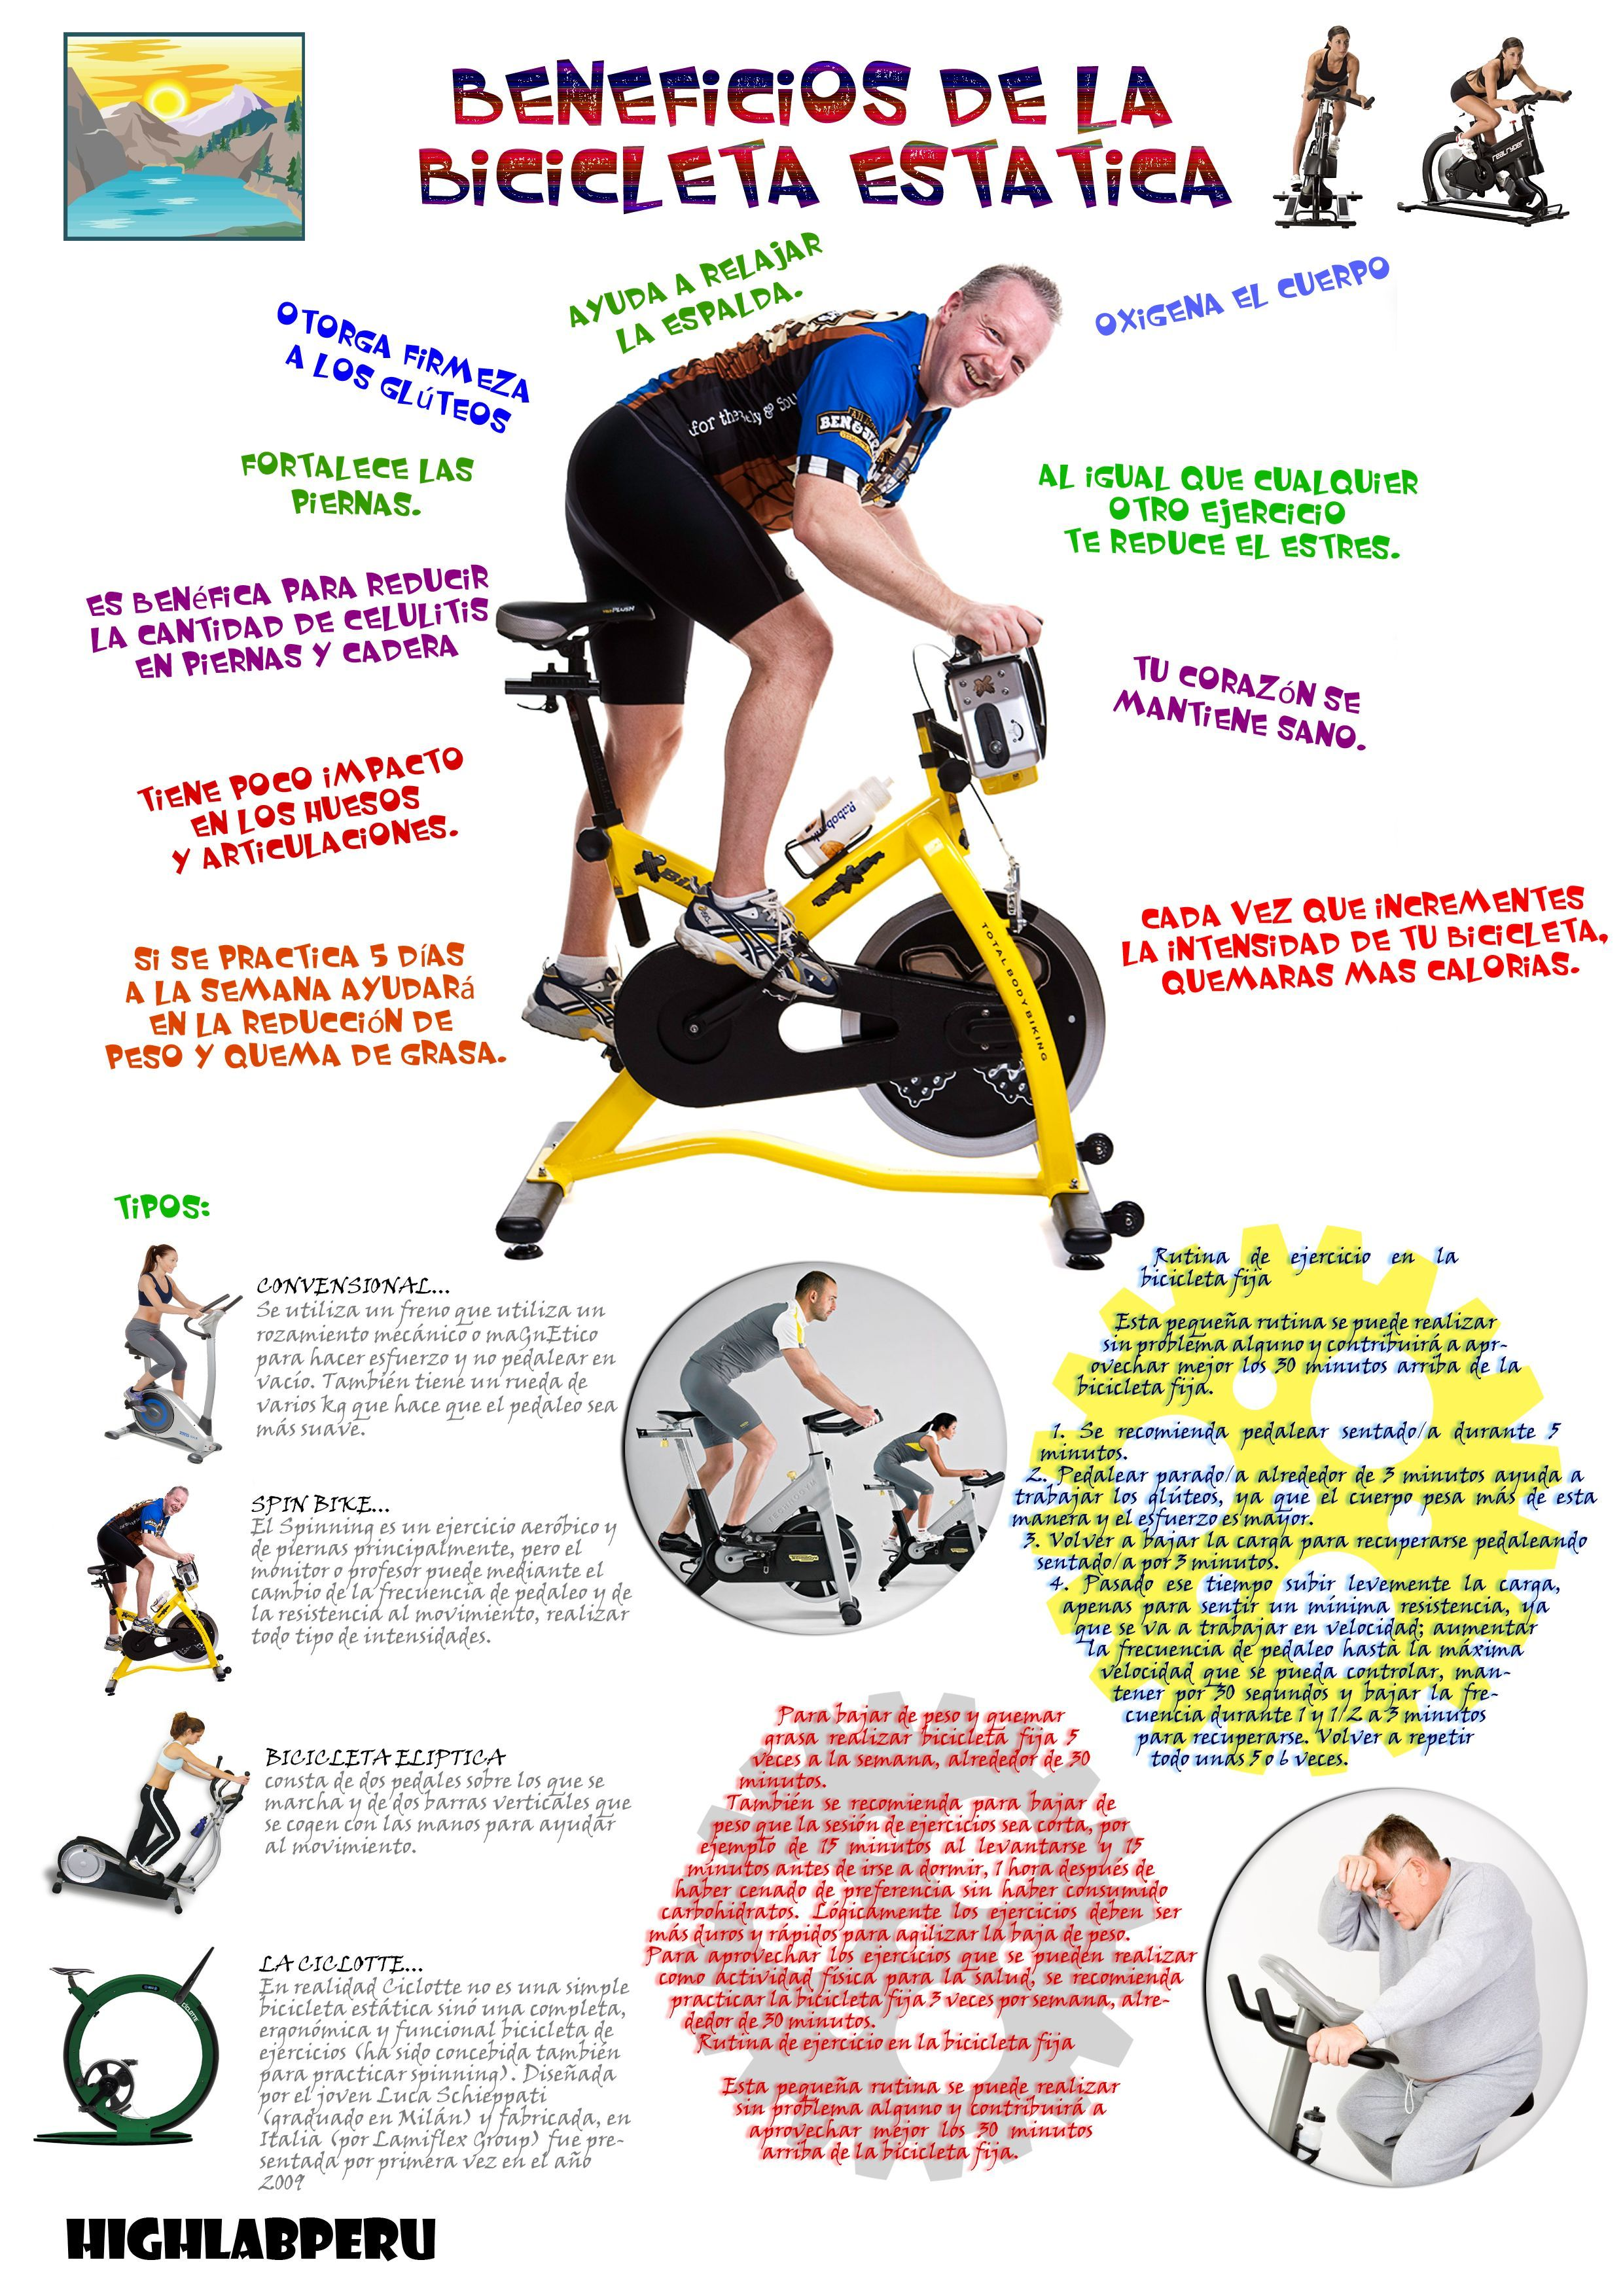 plan para adelgazar con bicicleta estatica